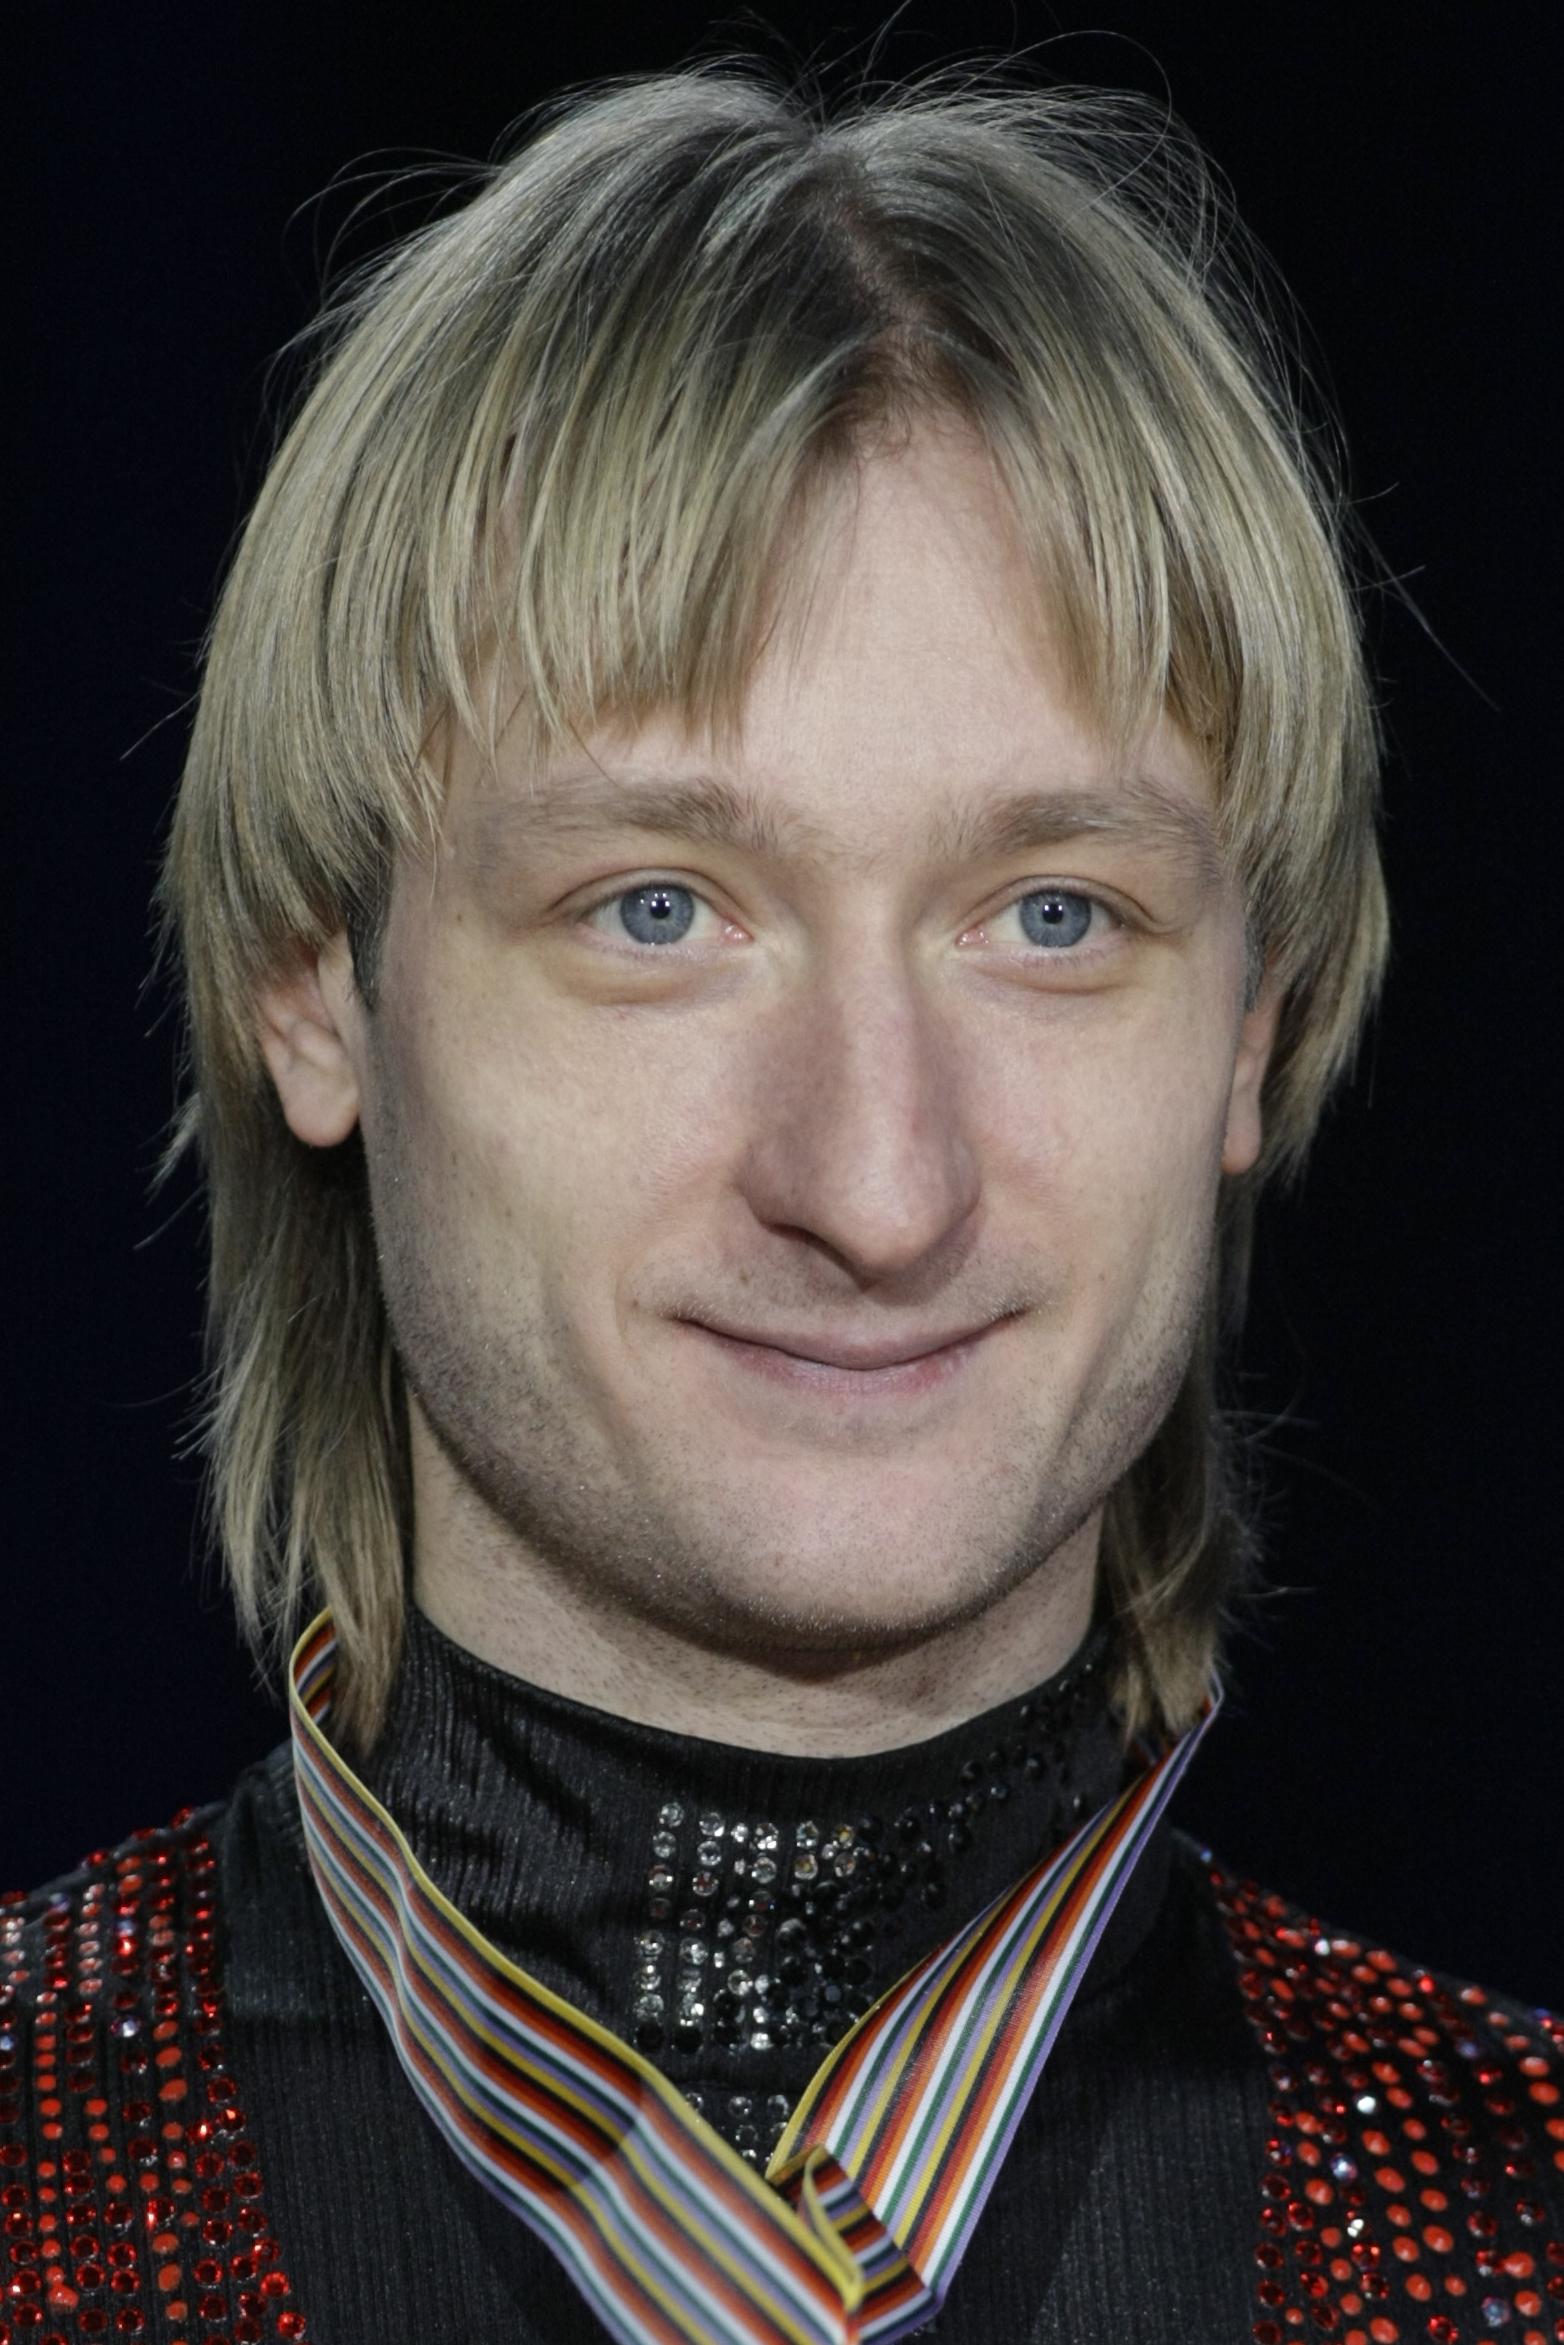 Evgeni Plushenko - 2014 Winter Olympics - Olympic Athletes - Sochi, Russia - ESPN